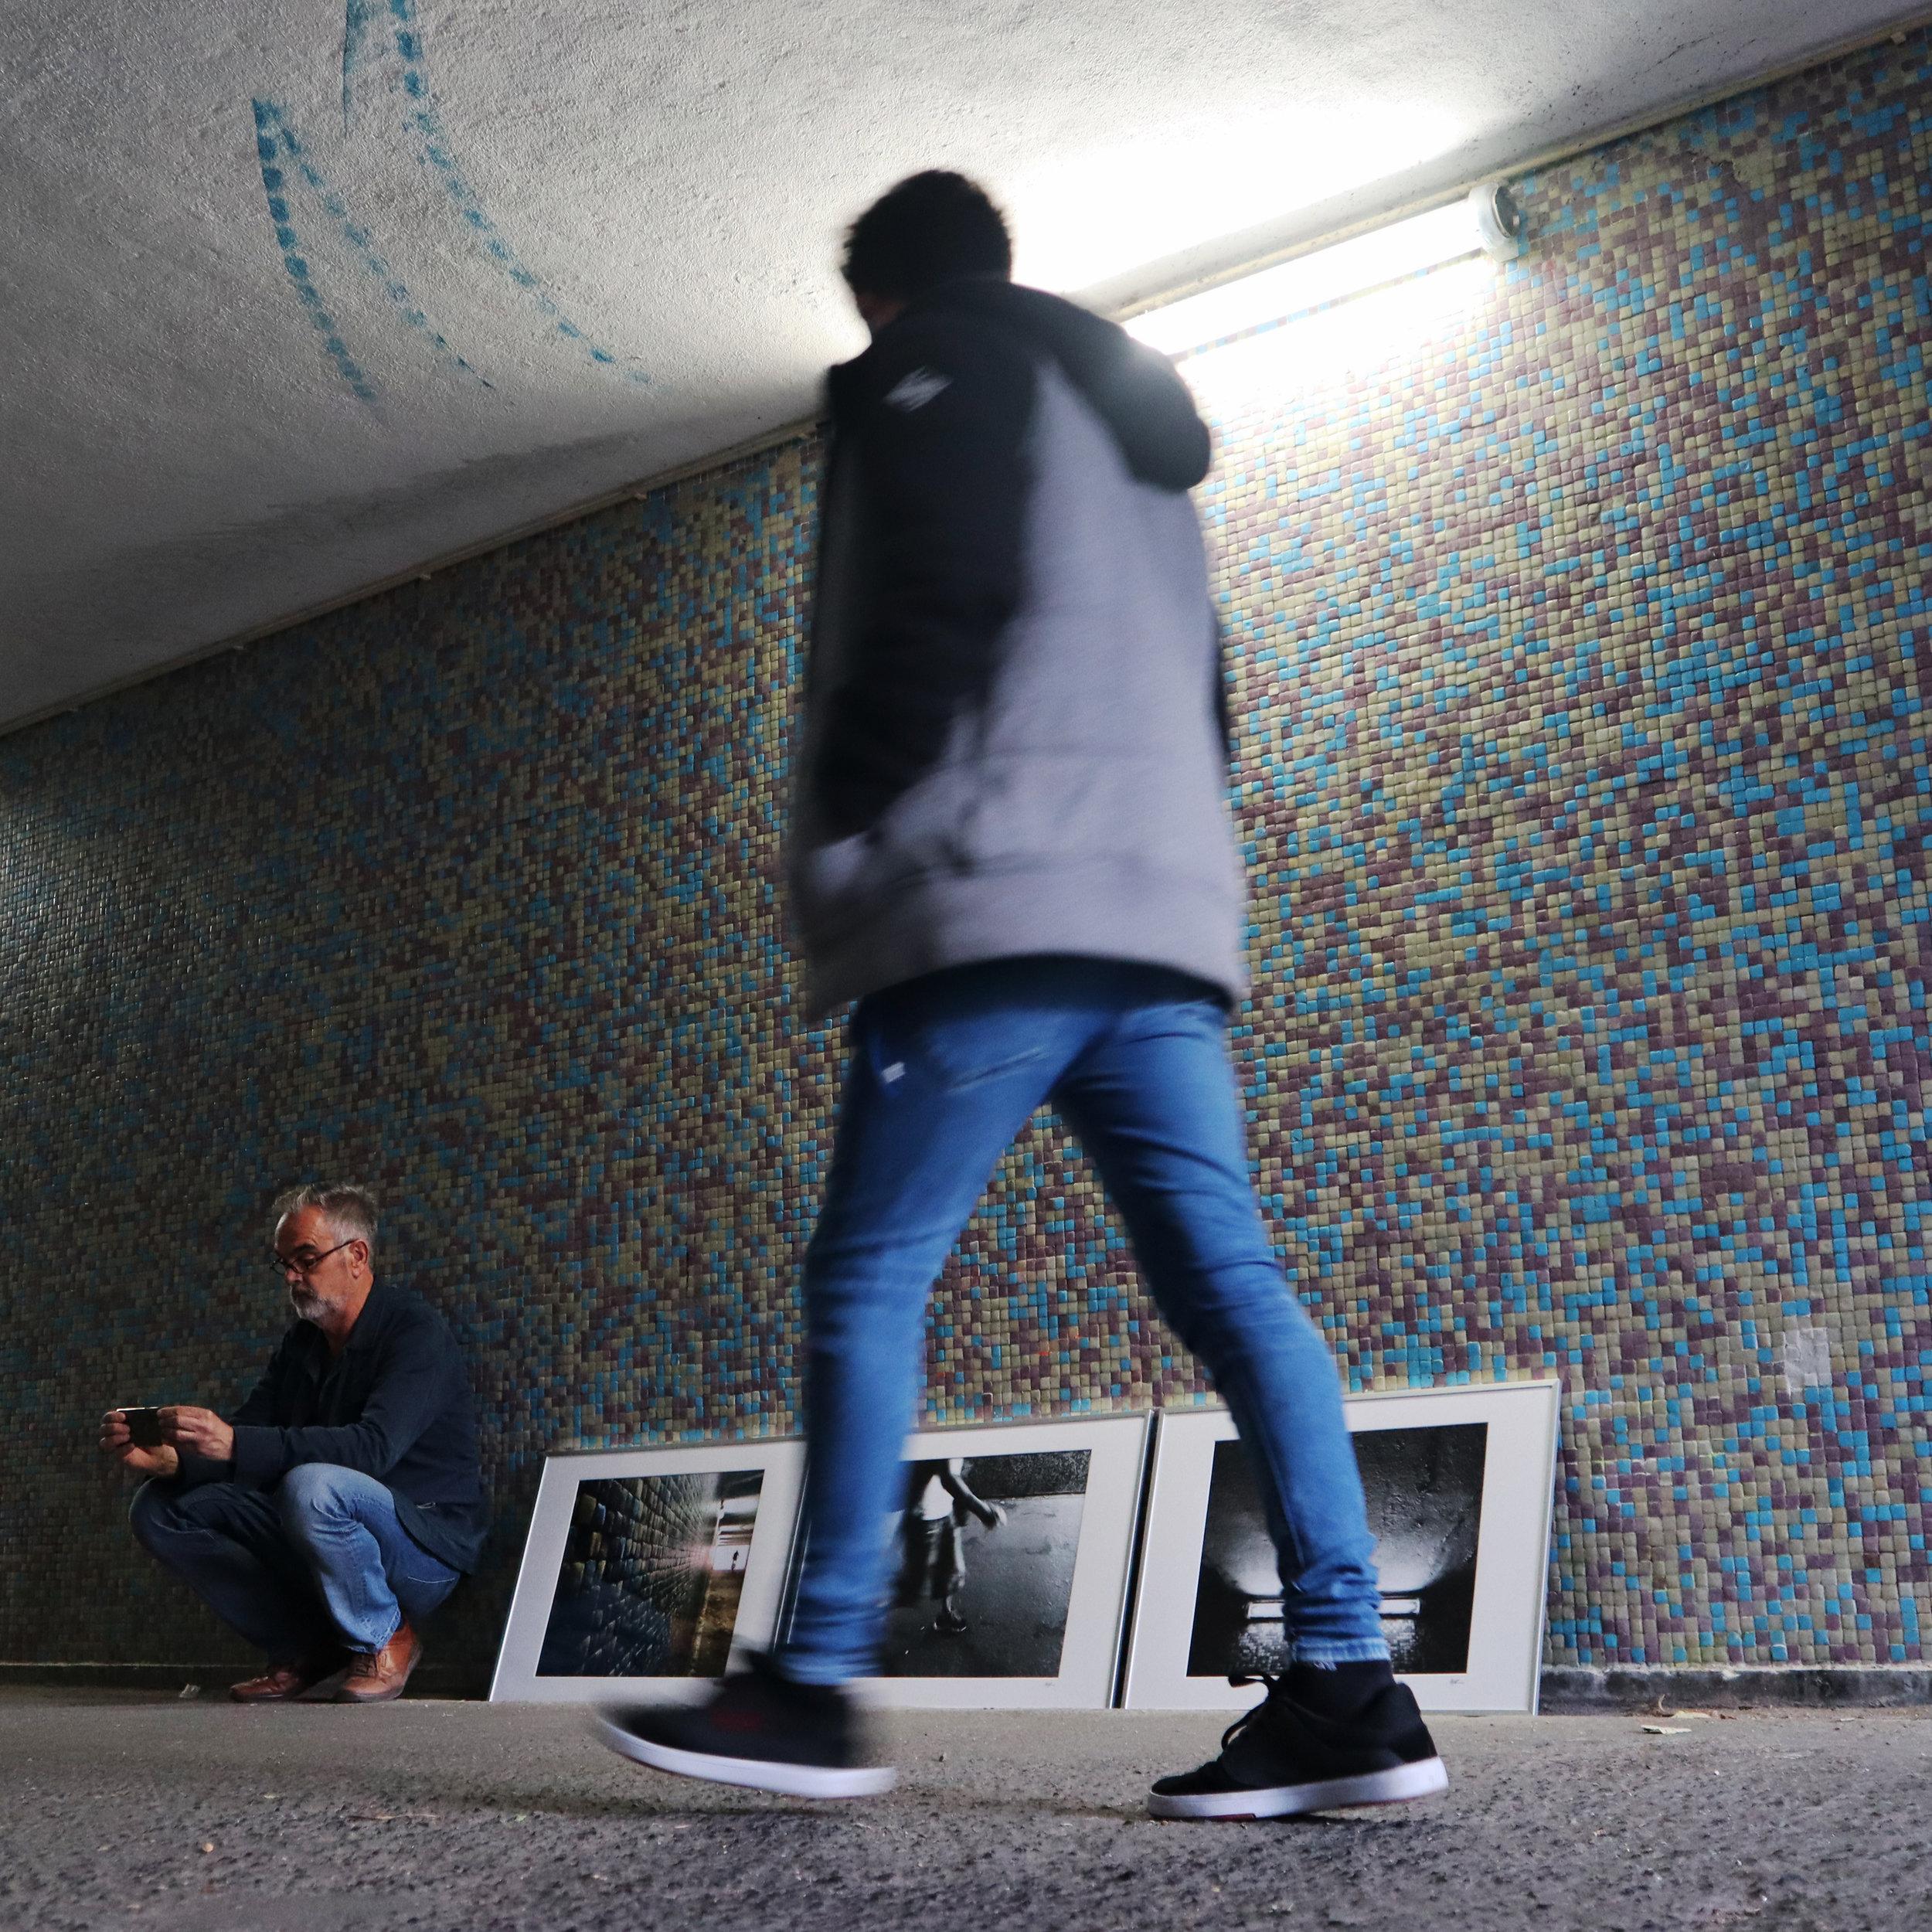 CARRASCO_art_gallery_ACR_walking_in_the_tunnel_of_DESOBJECTION_05.JPG